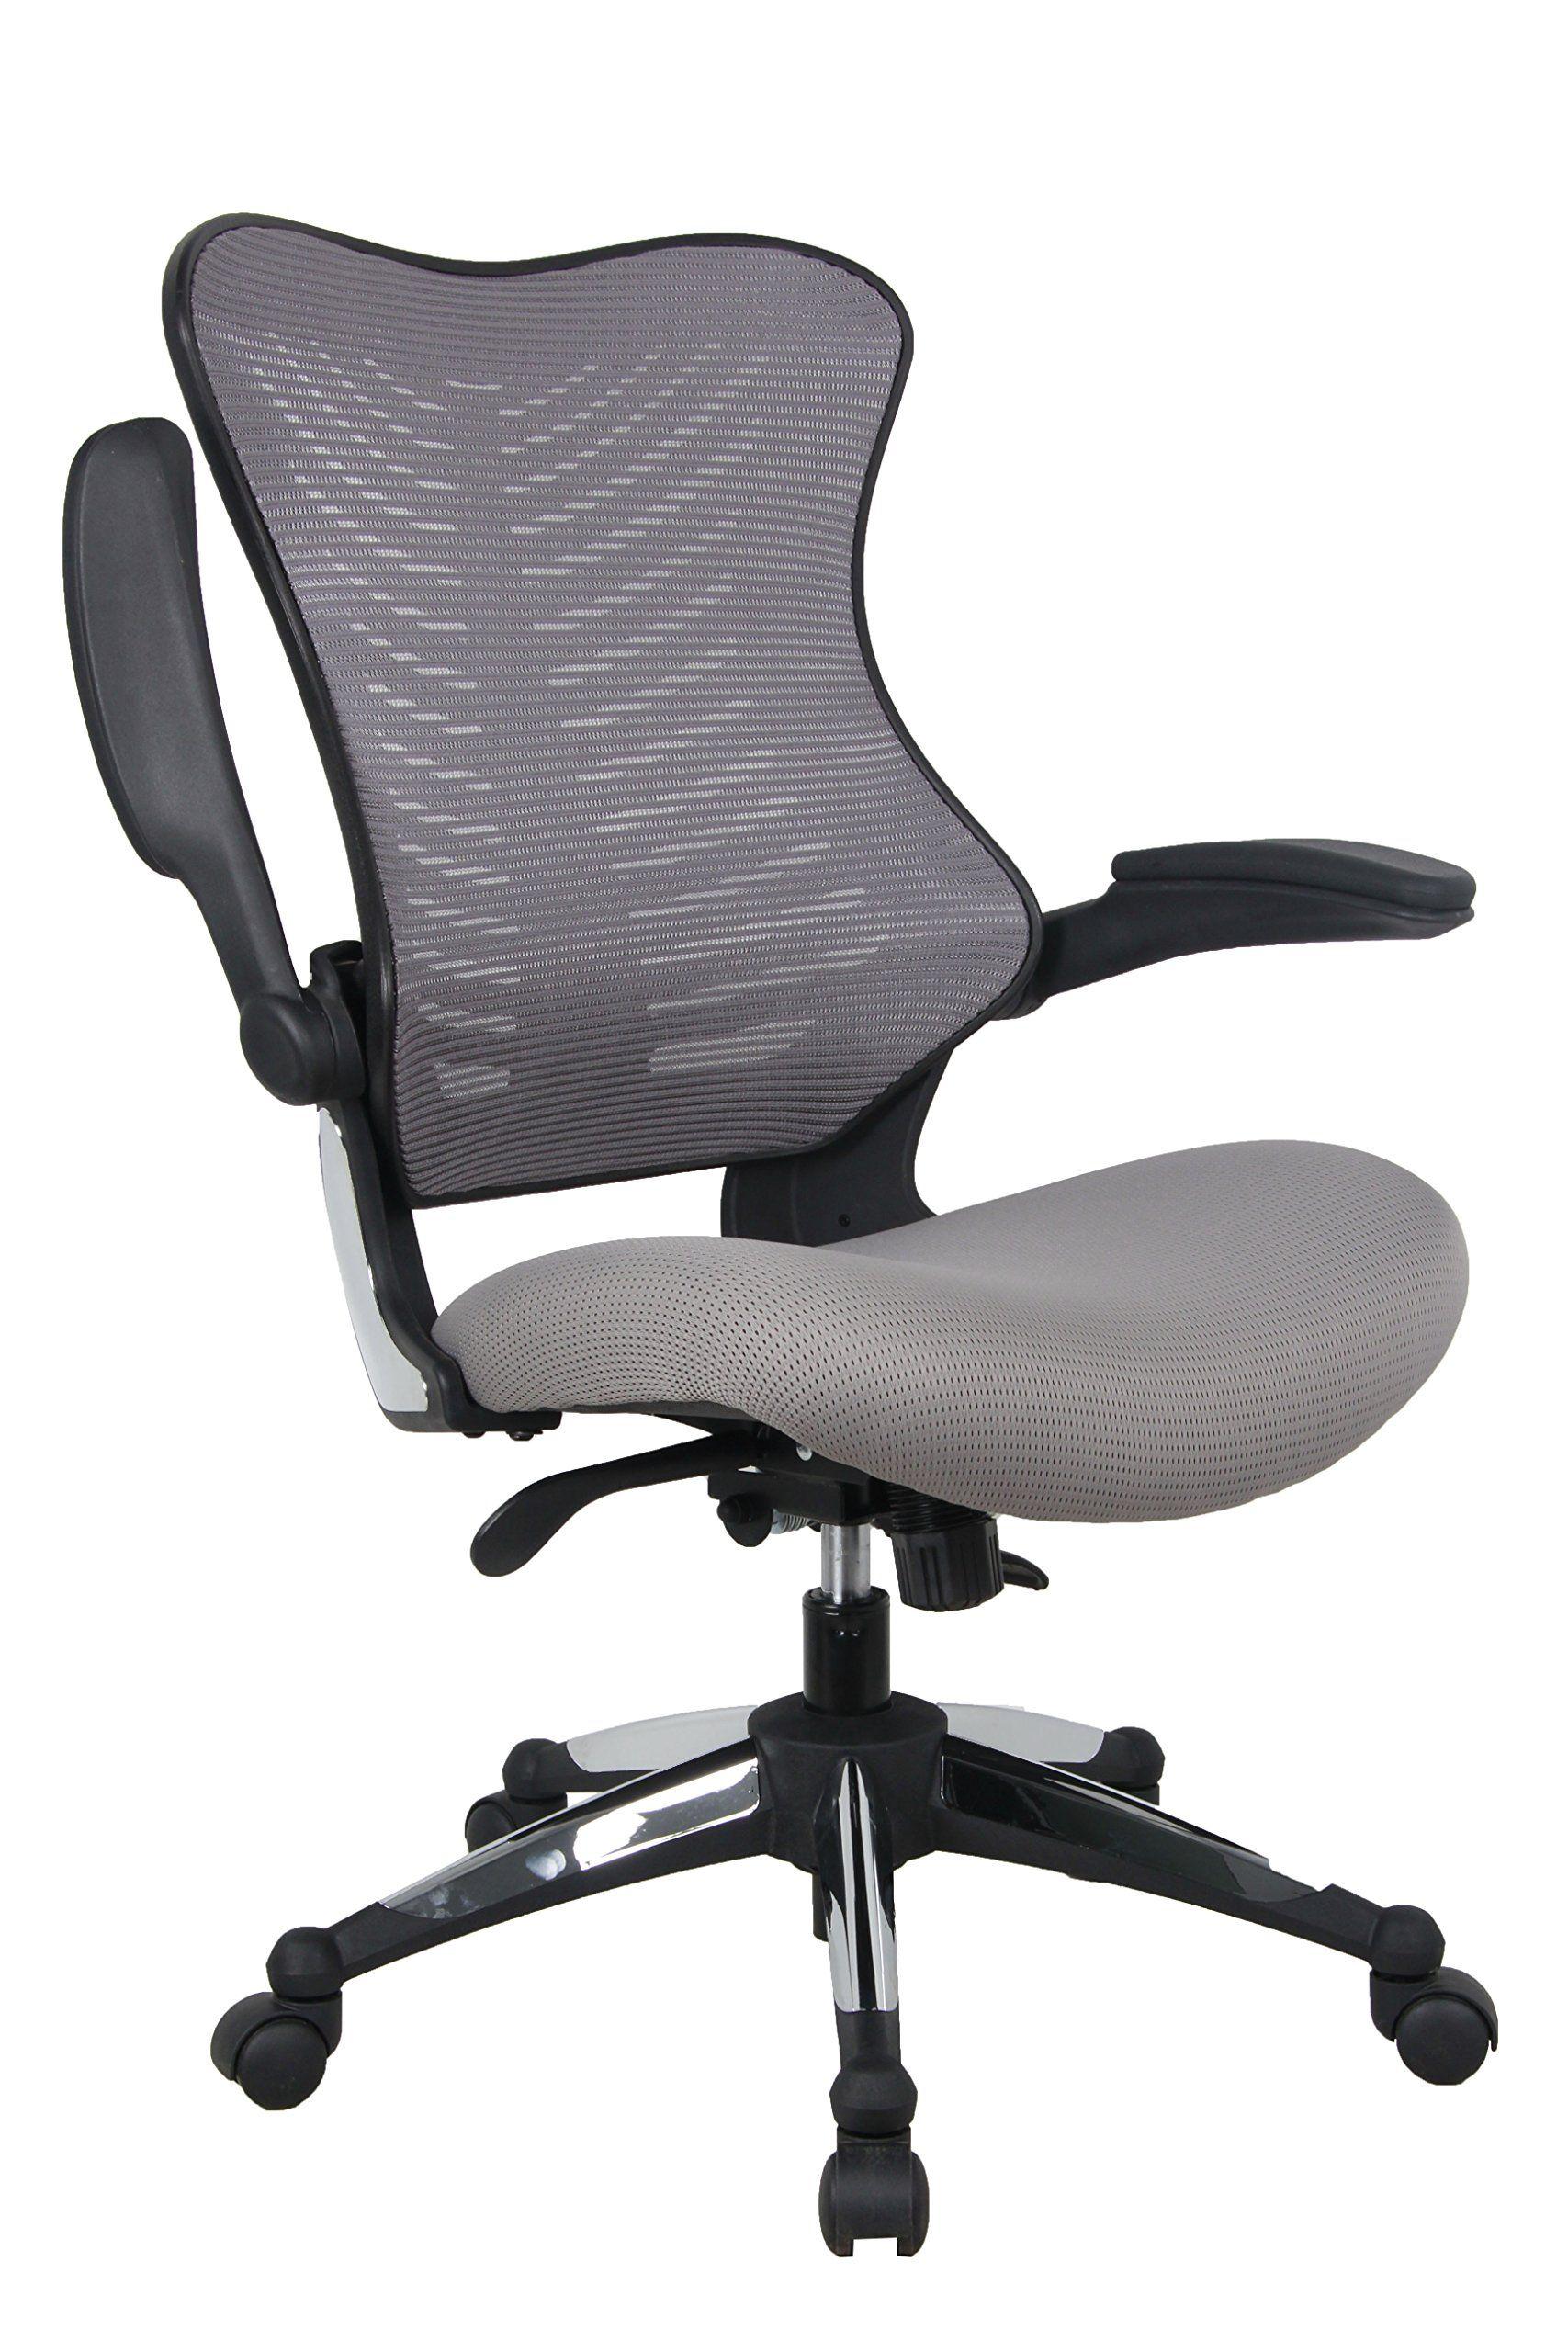 Office Factor Gray Office Chair Ergonomic Lumbar Support